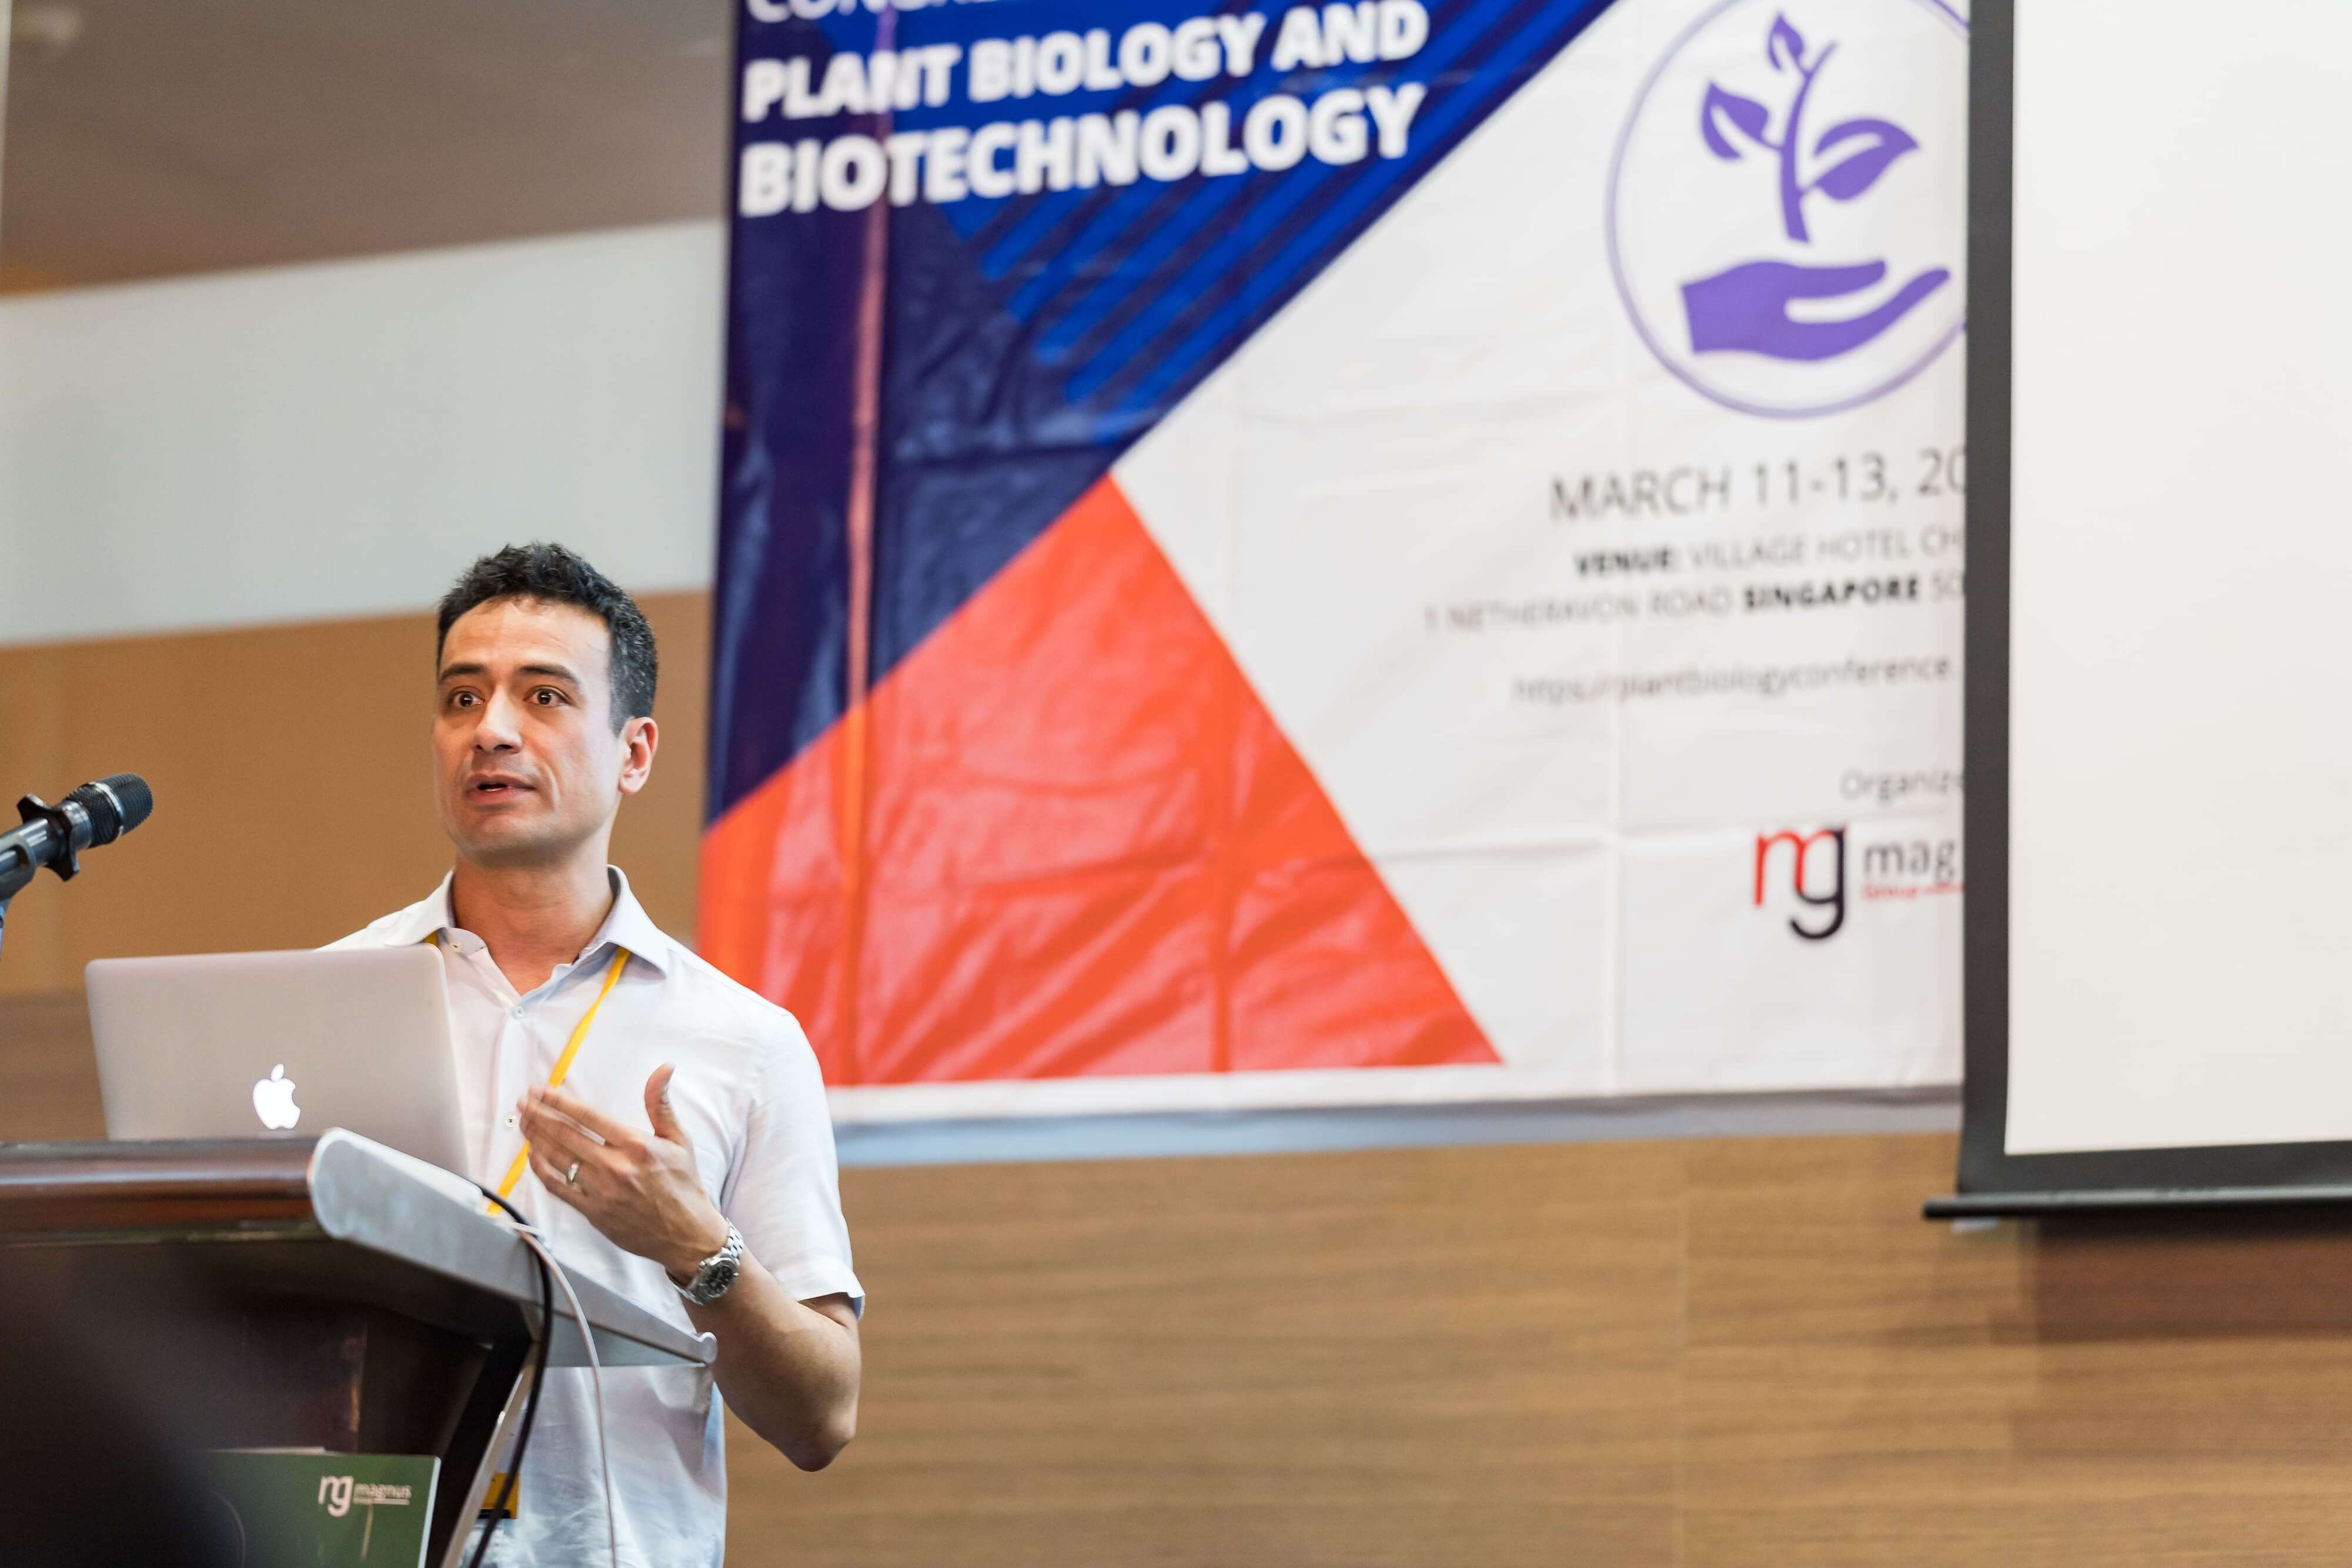 Plant Biology Conferences